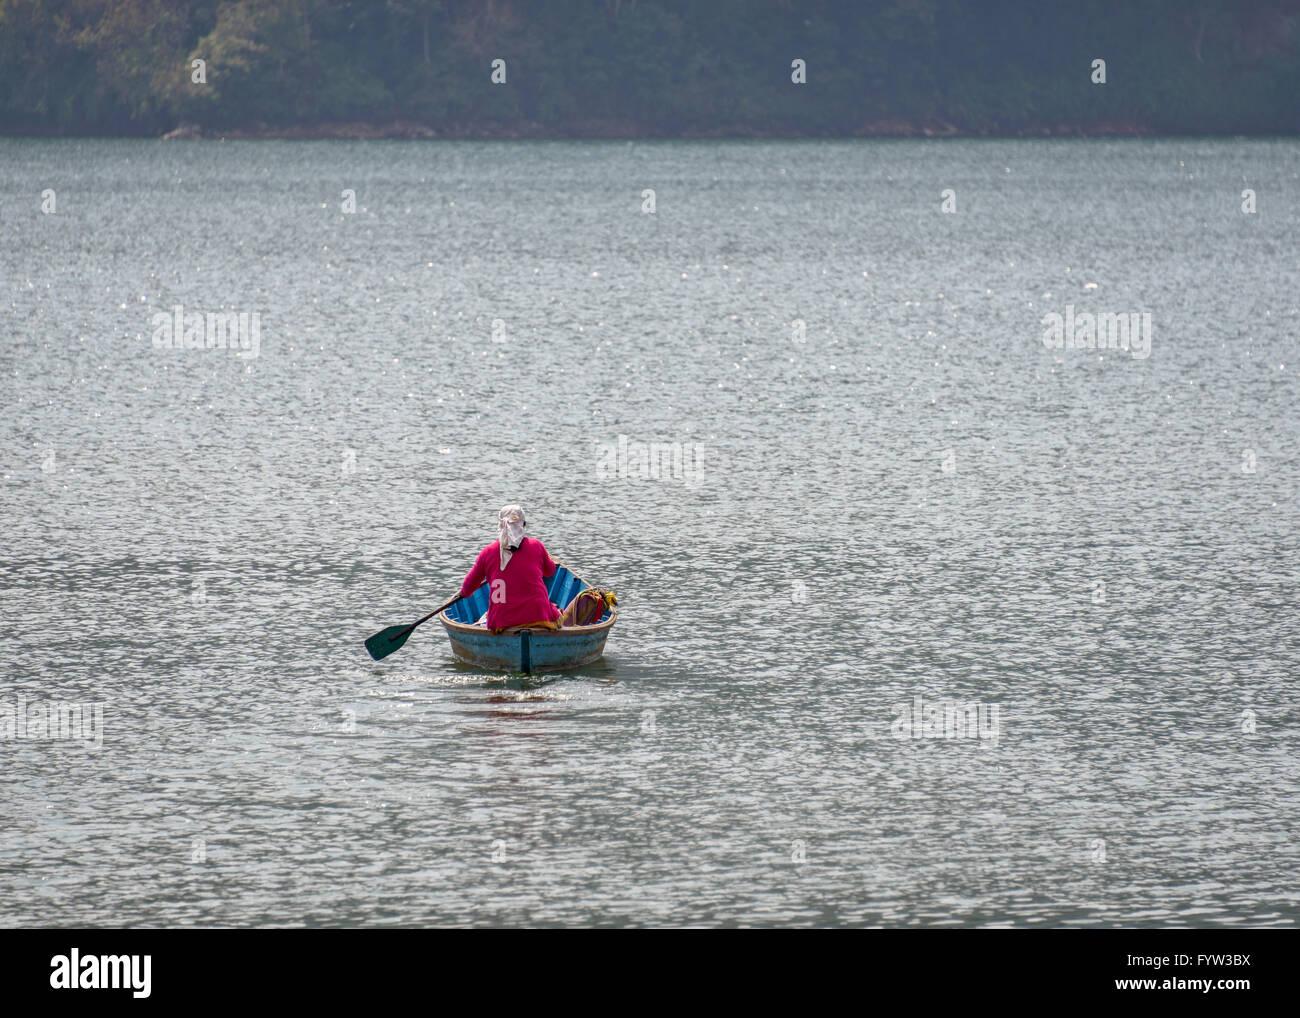 Nepalese woman paddling across Phewa Lake in Pokhara, Nepal - Stock Image